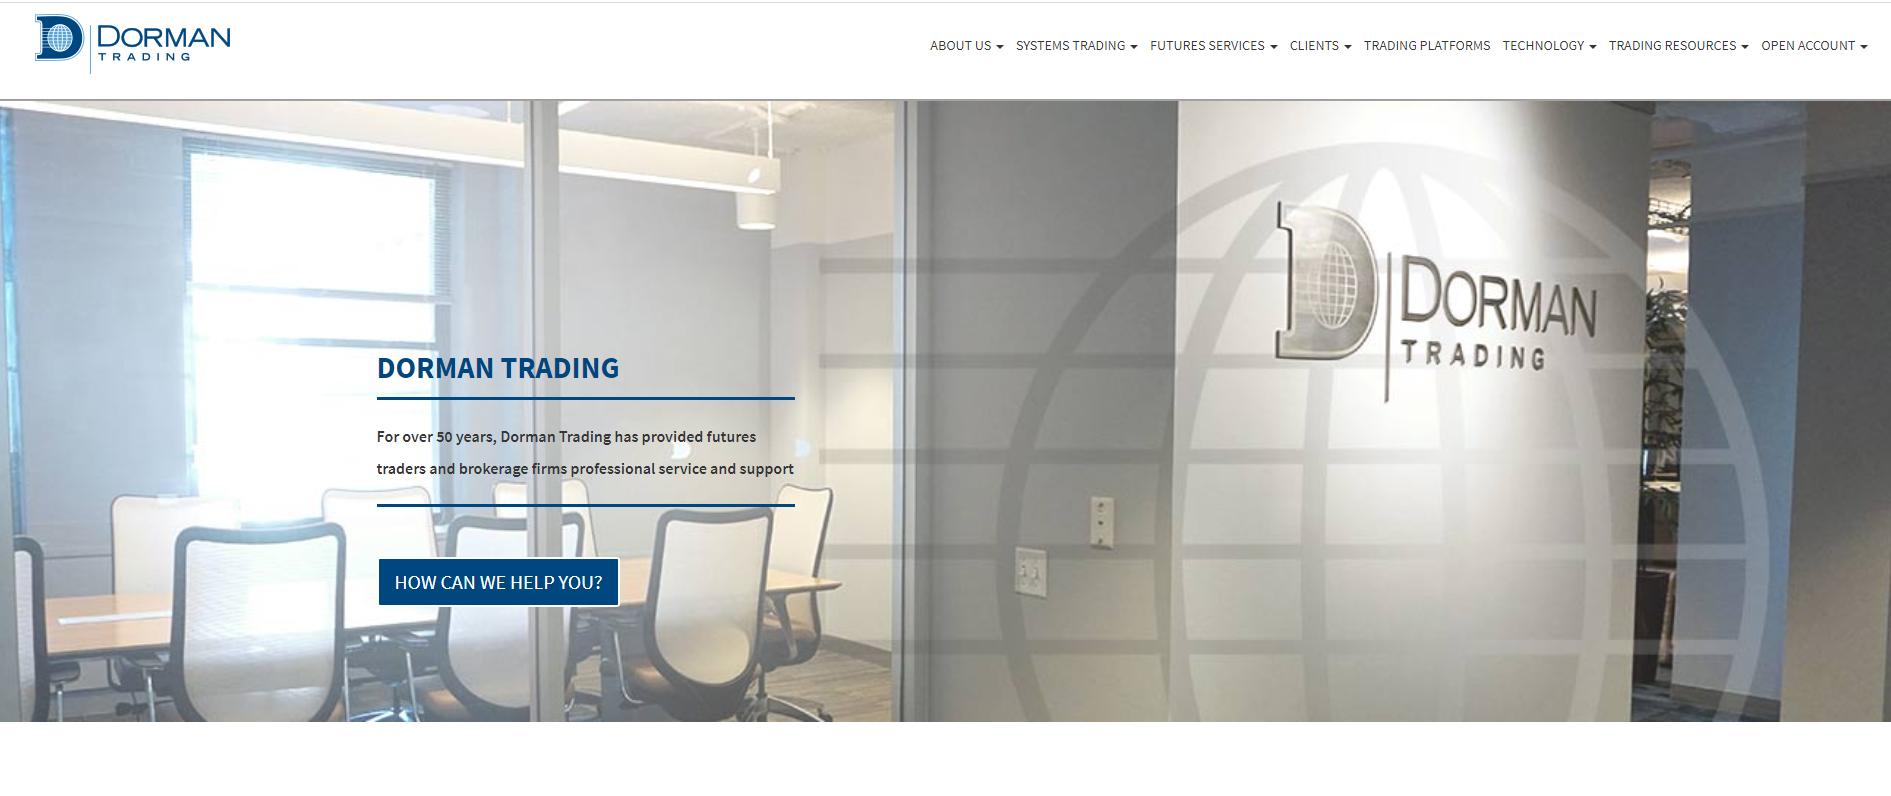 Offizielle Webseite von Dorman Trading